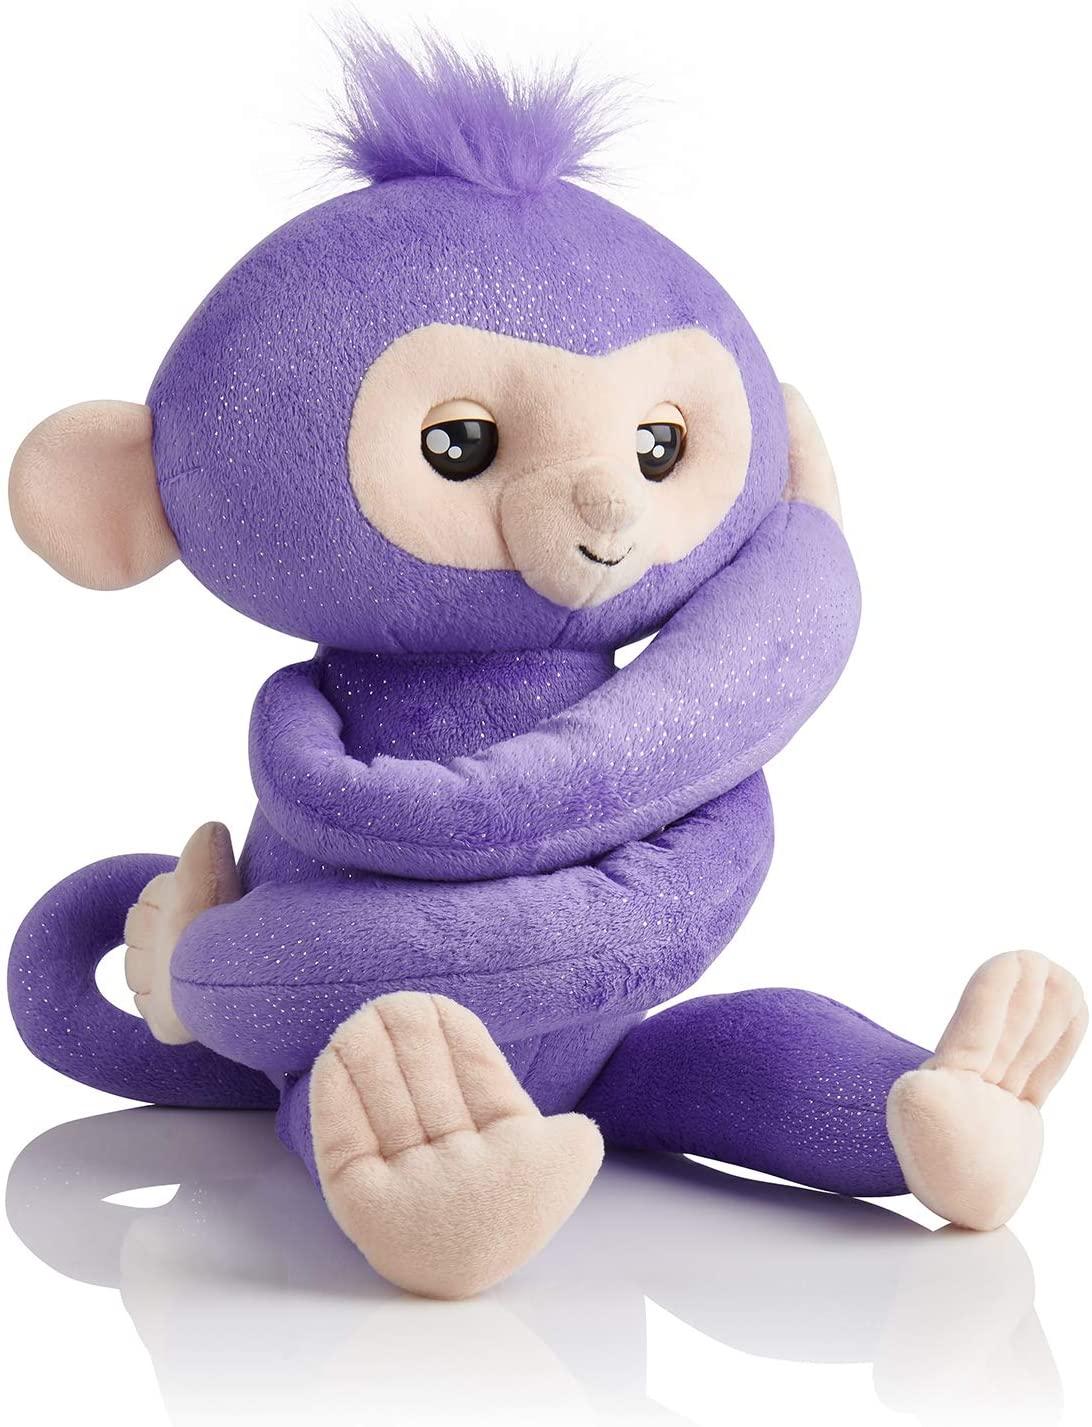 Интерактивная мягкая игрушка WowWee Fingerlings Hugs Обезьянка - обнимашка Оригинал США